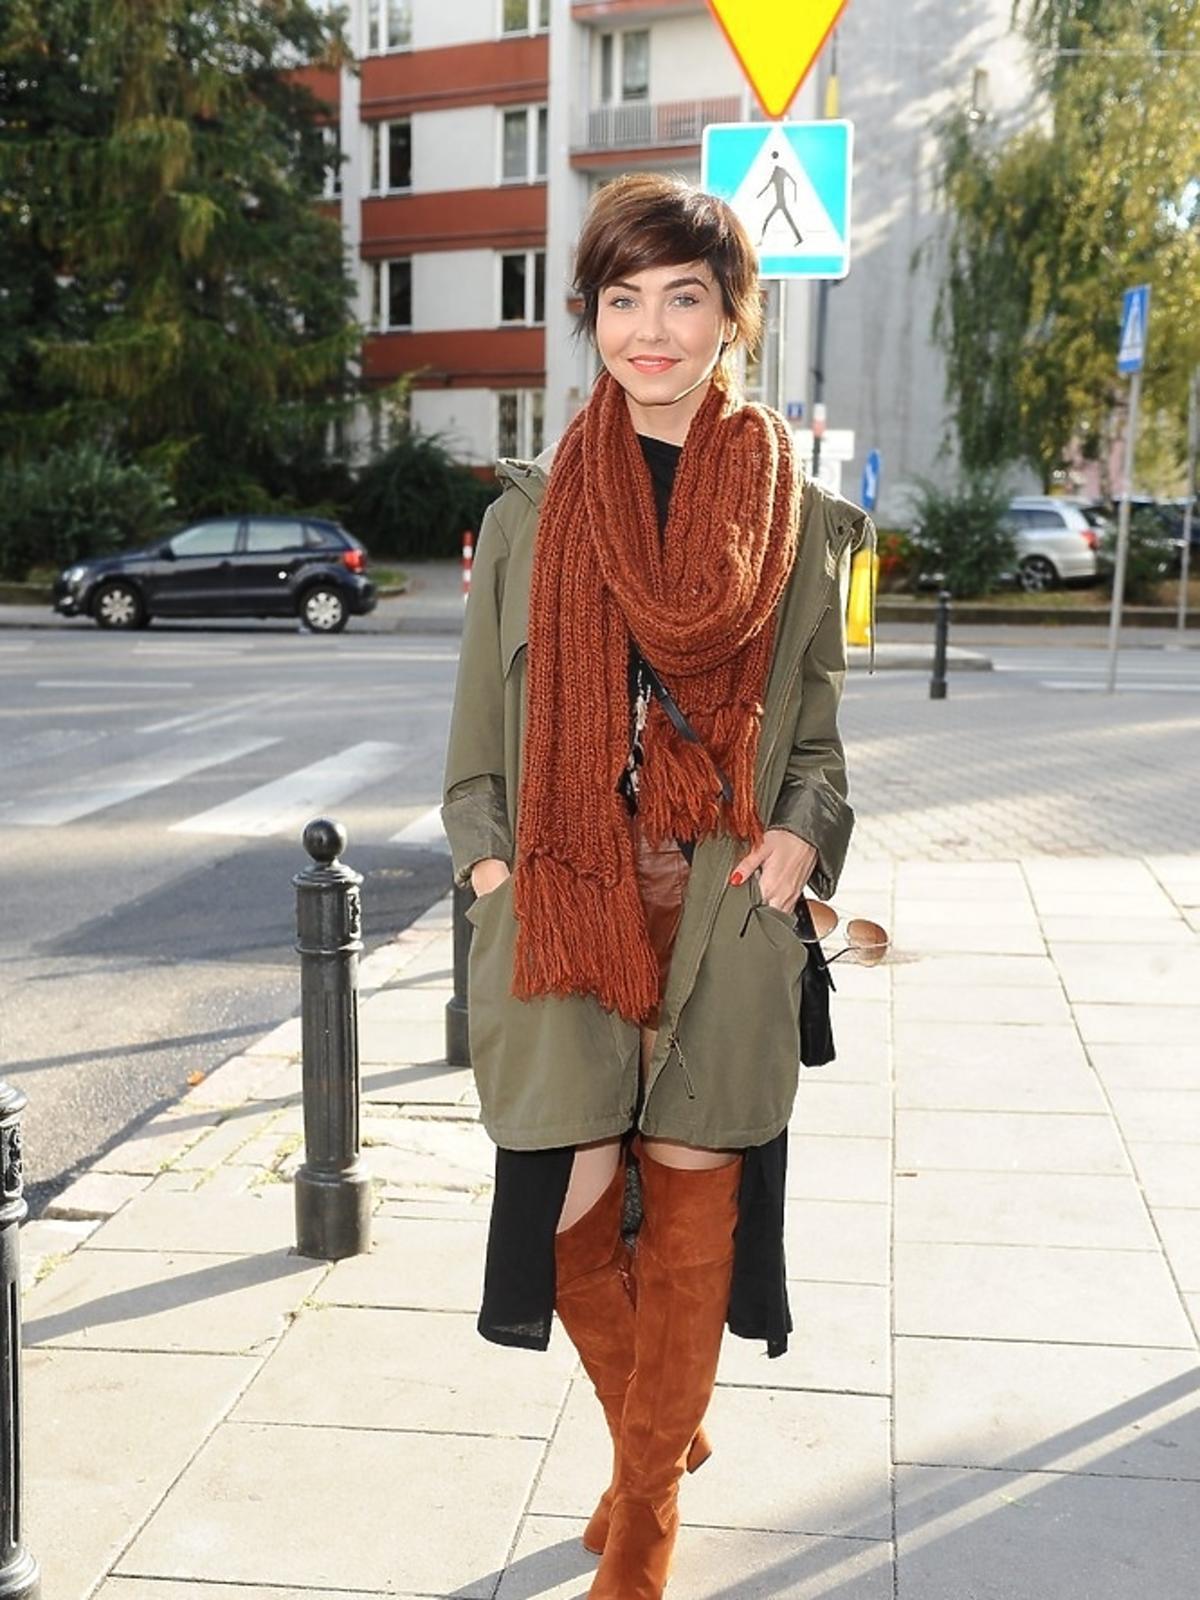 Paulina Drażba w rudym wełnianym szaliku i rudych kozakach na ulicy